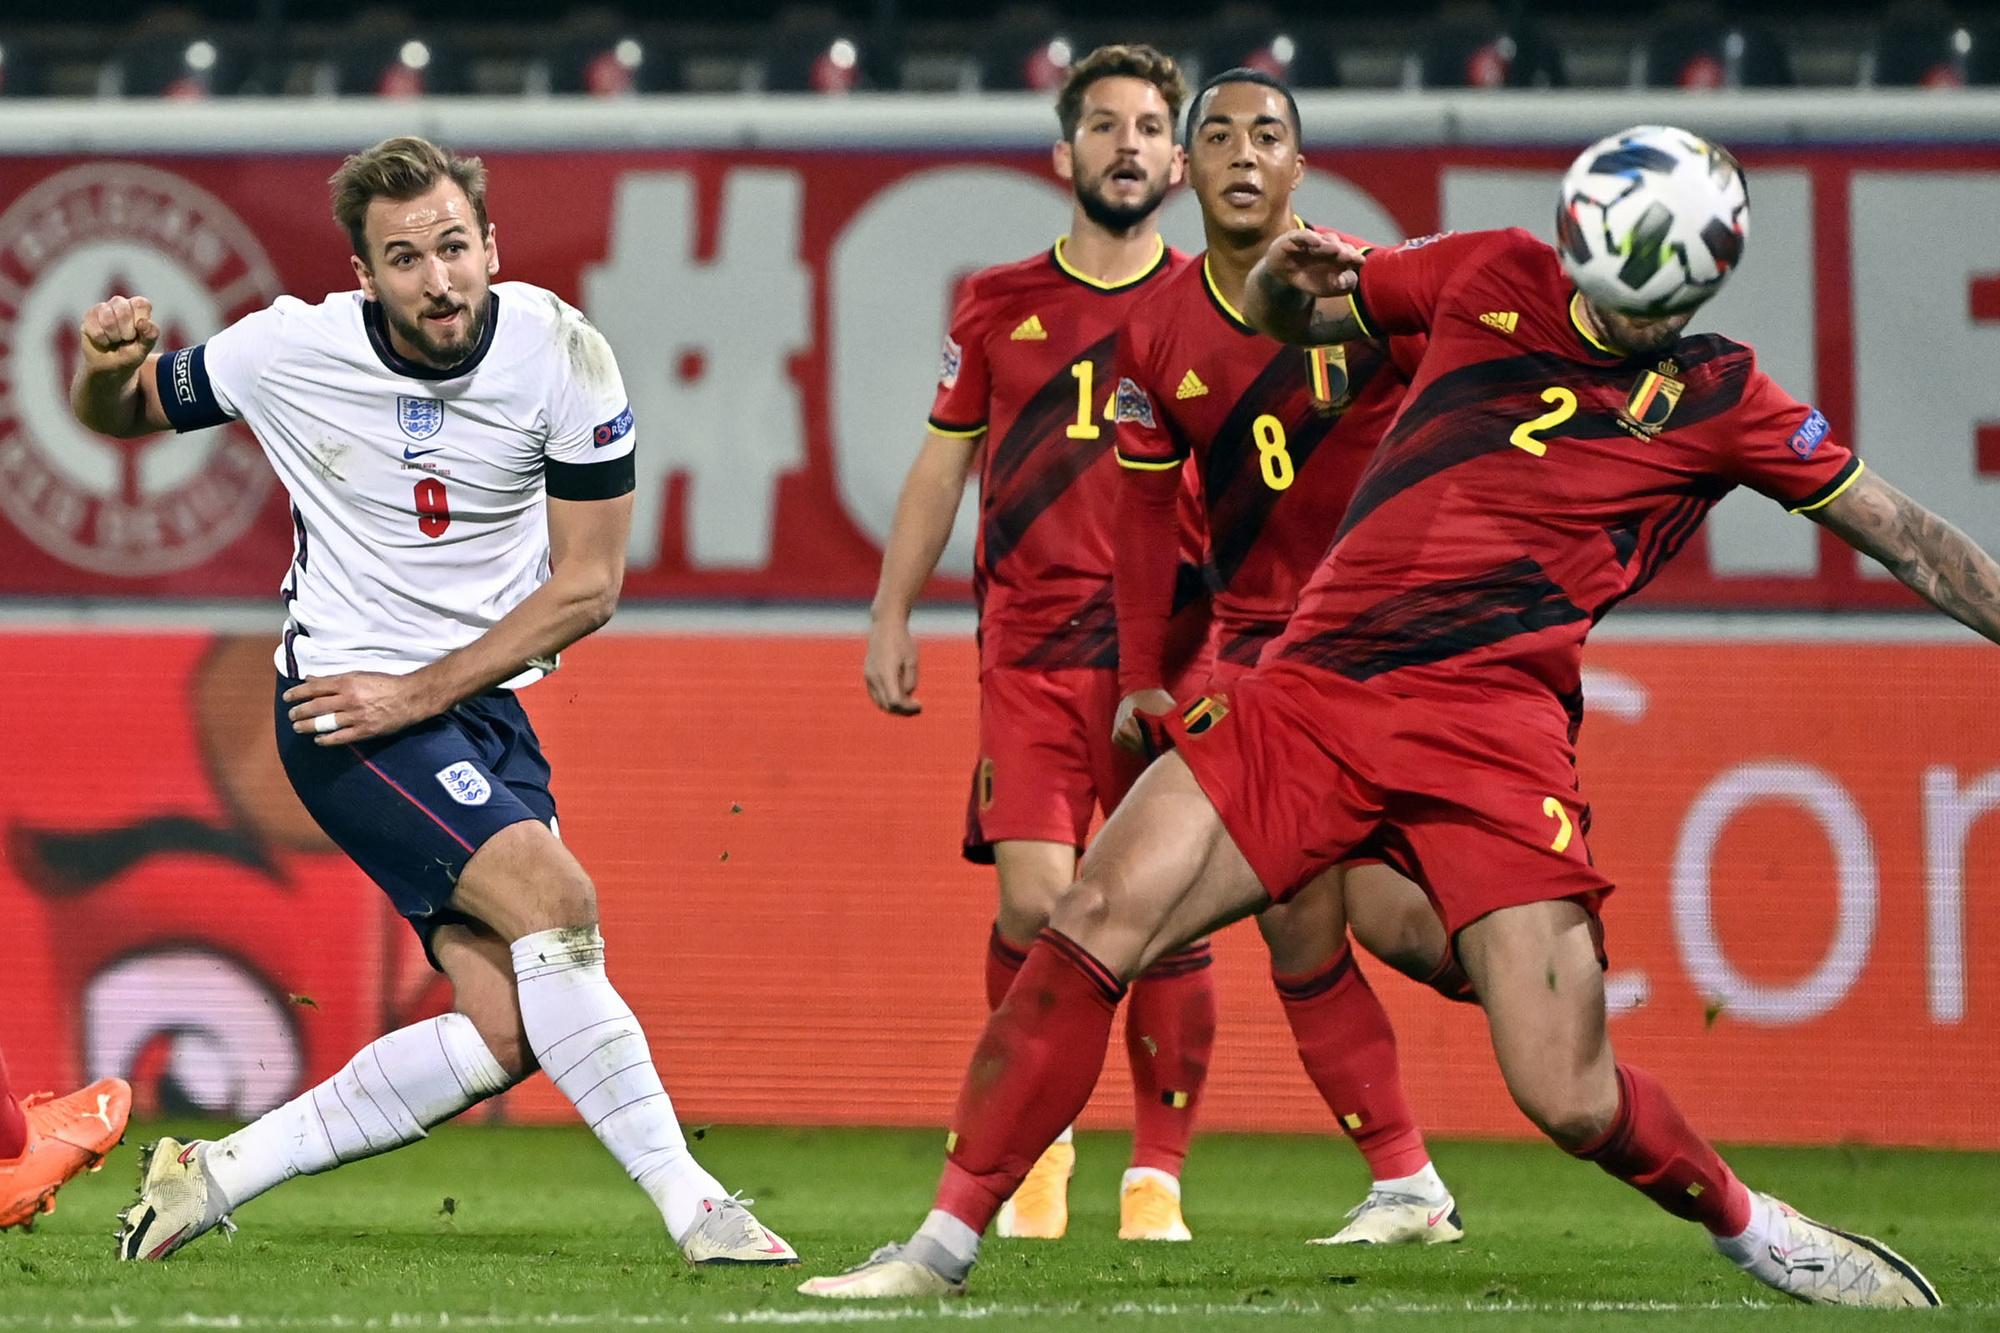 Wordt Harry Kane opnieuw topschutter van een landentoernooi?, Belga Image